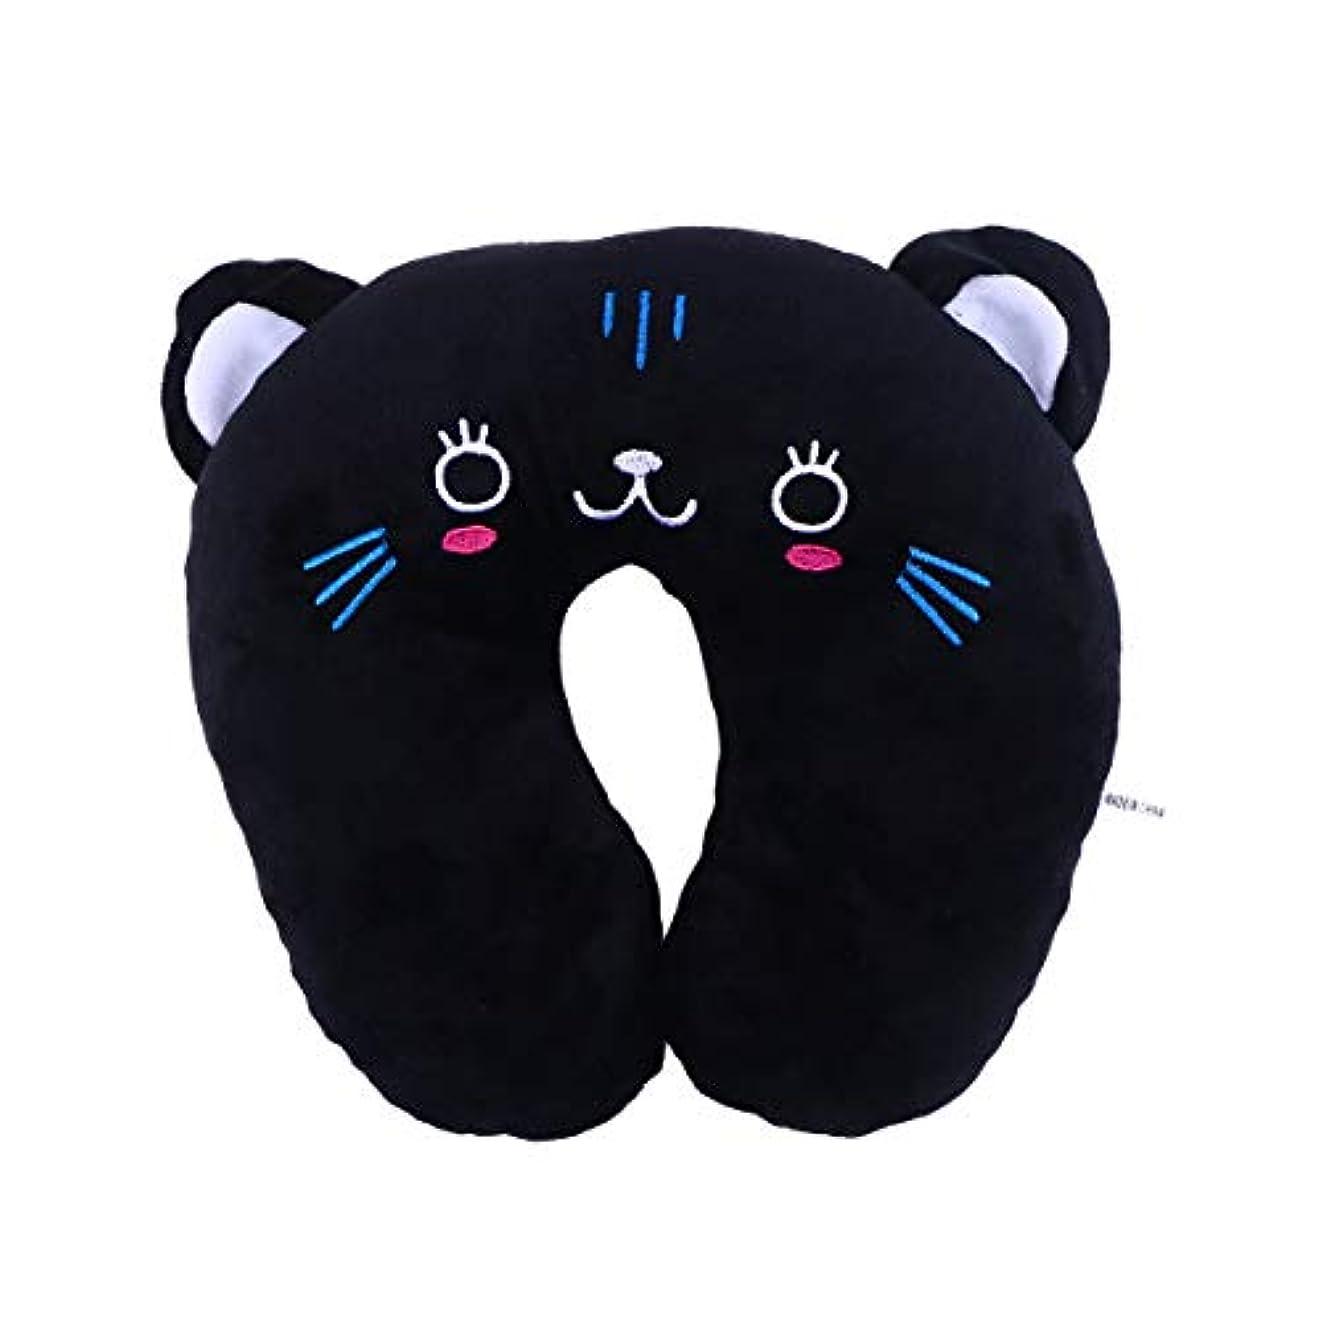 る中間死ぬHEALIFTY 首牽引枕漫画ぬいぐるみU字型枕首サポートクッション旅行枕飛行機のための車(黒猫)